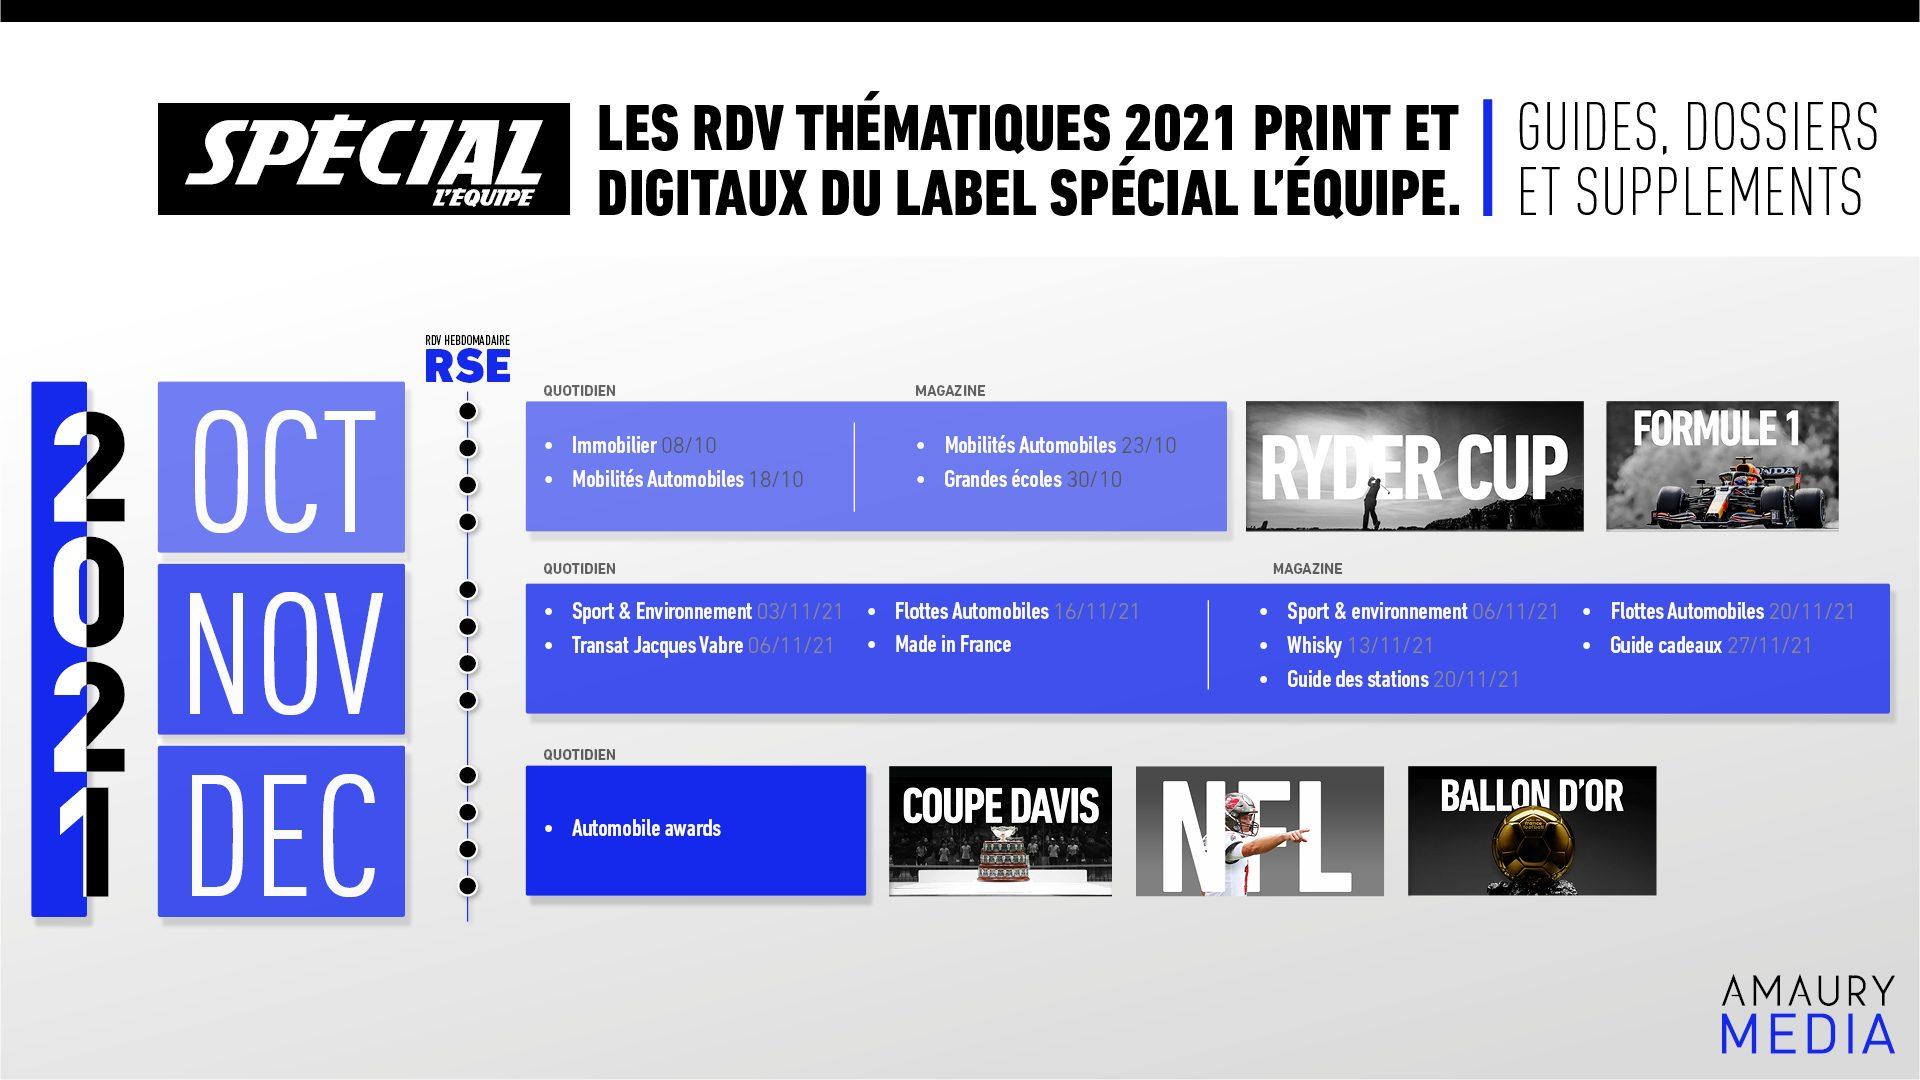 ReprésentationVolumétrique lastTrimestre v1BB 1920x1080 - Label Spécial L'Equipe